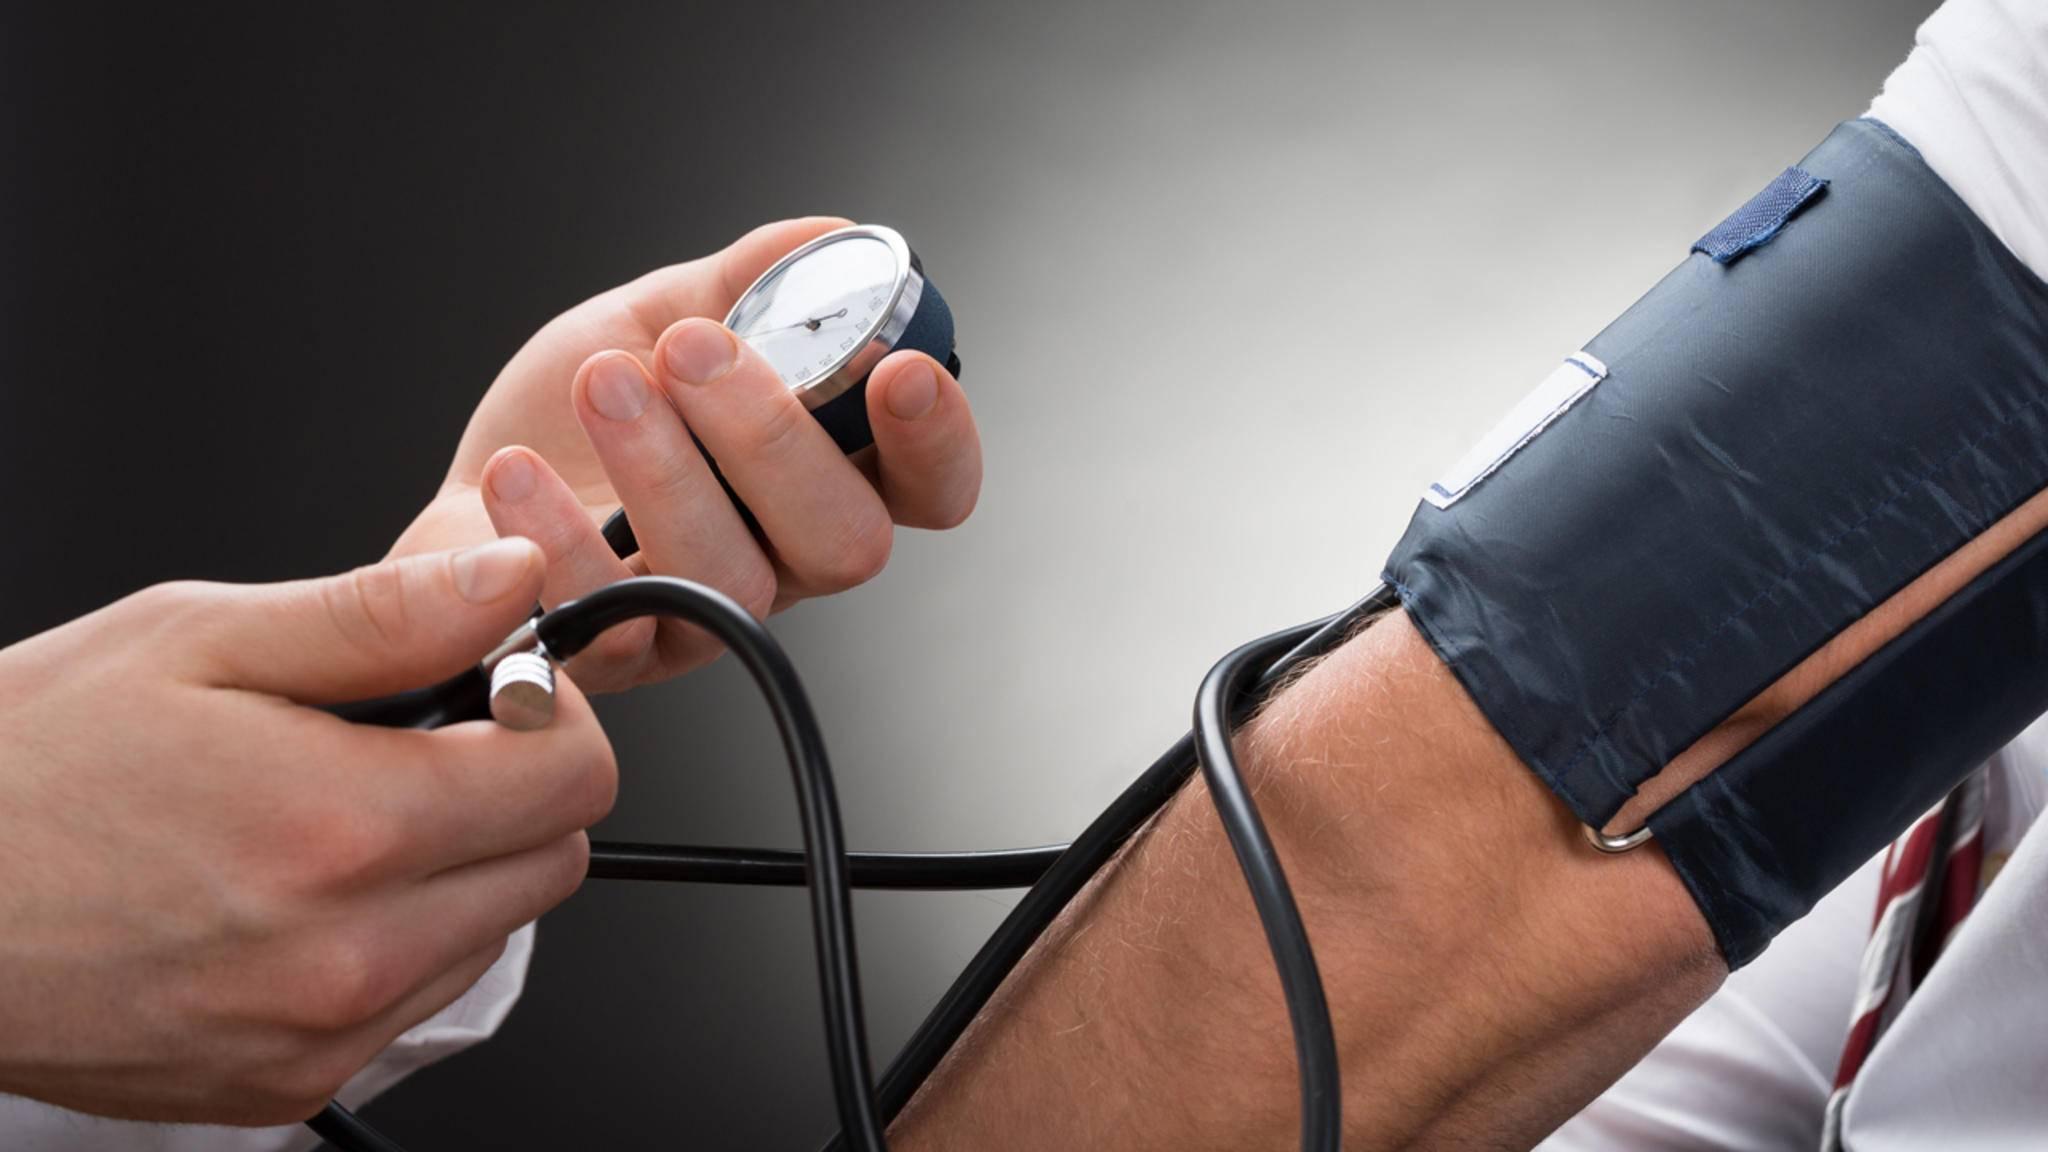 Mit einem entsprechenden Messgerät kannst Du Deinen Blutdruck auch zu Hause protokollieren. Zuverlässige Geräte und richtiges Messen sind dabei aber essenziell!